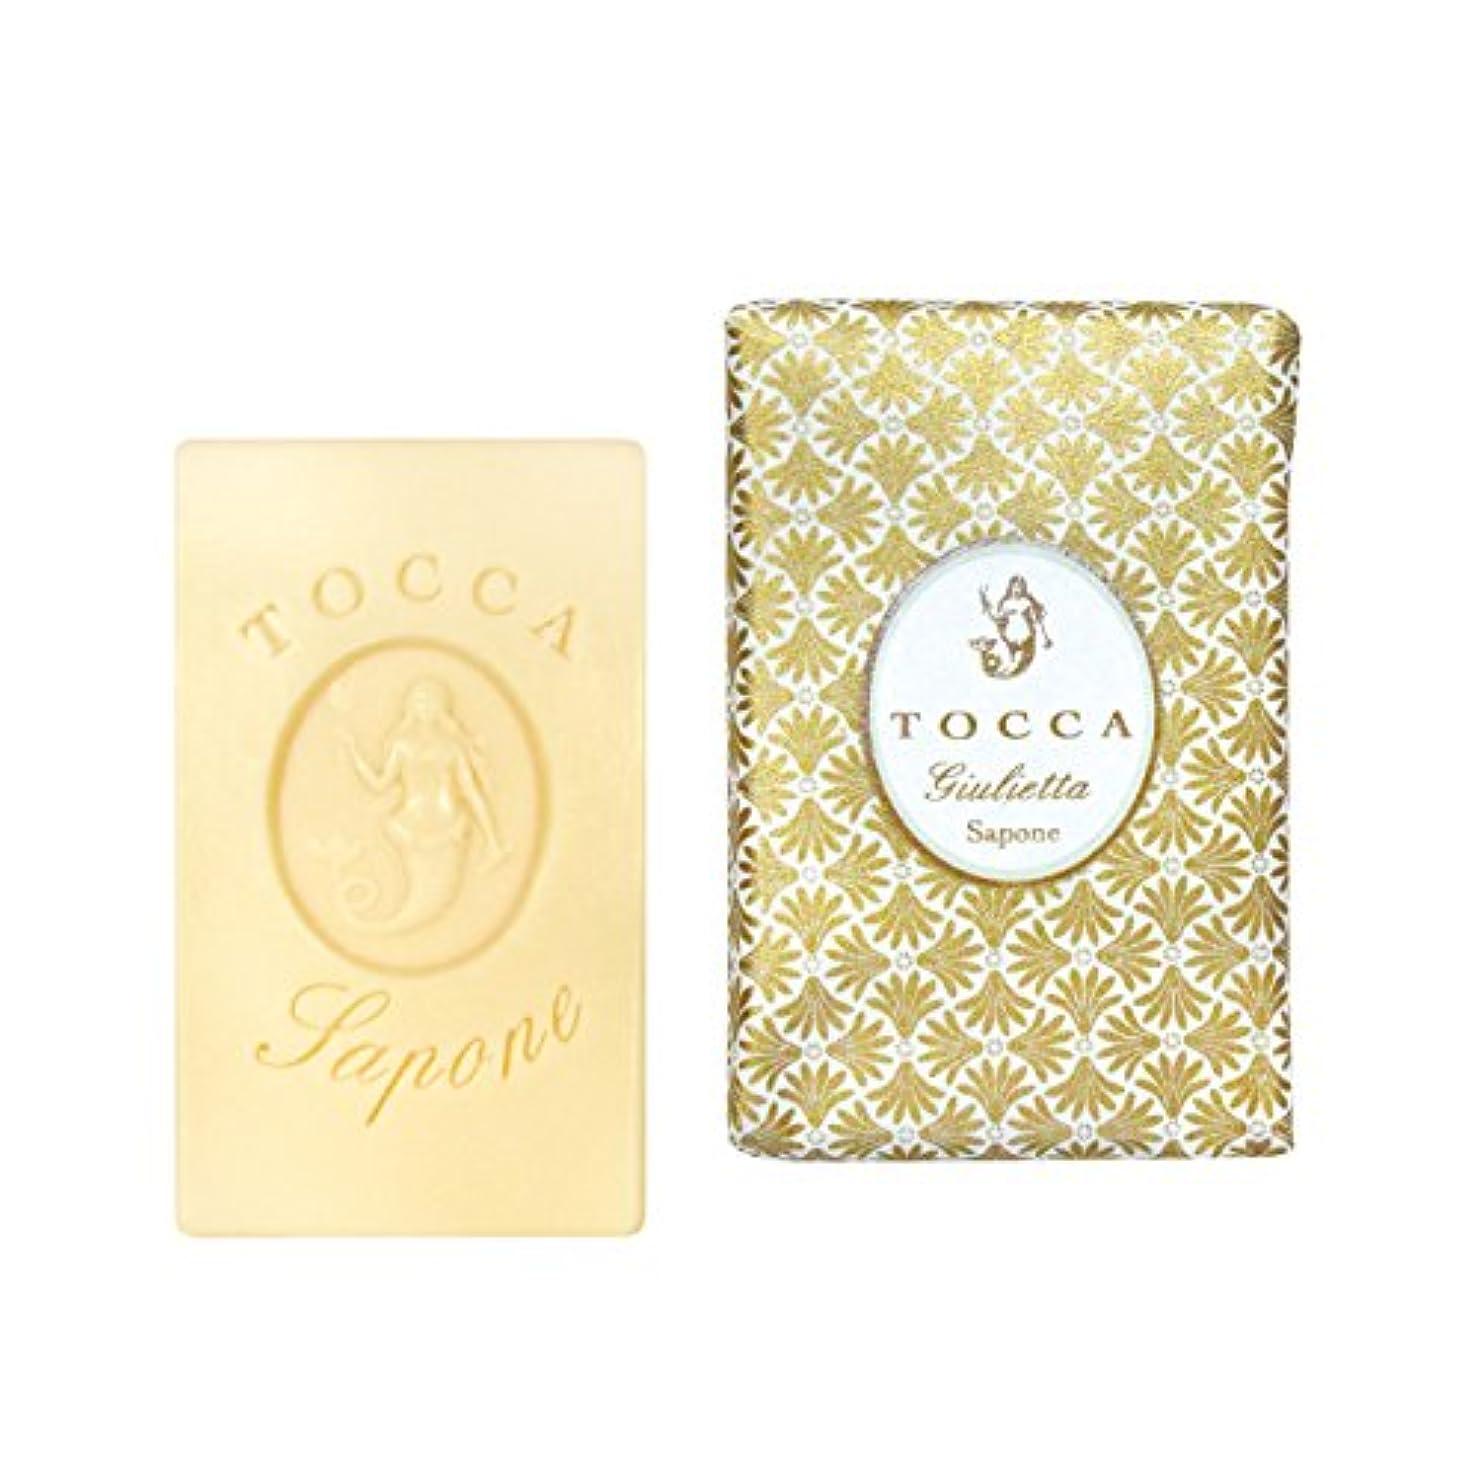 トッカ(TOCCA) ソープバー ジュリエッタの香り 113g(化粧石けん ピンクチューリップとグリーンアップルの爽やかで甘い香り)